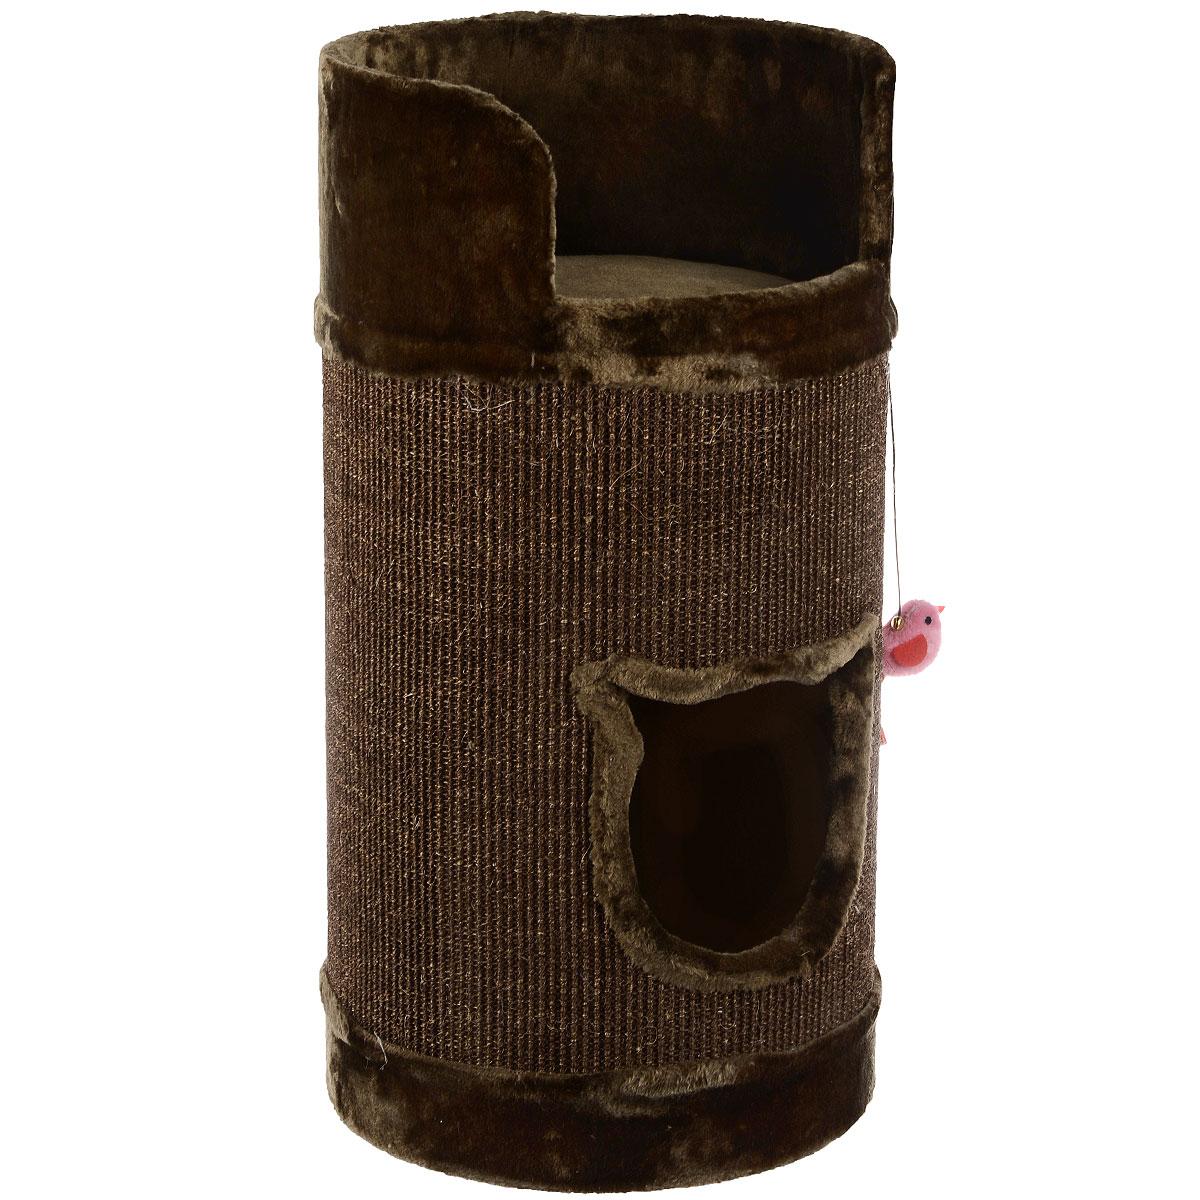 Домик-когтеточка для кошек I.P.T.S. Bruno, цвет: коричневый, 38 см х 38 см х 75 см25875Домик-когтеточка для кошек I.P.T.S. Bruno выполнен из ДСП, плюша и сизаля. Удобная когтеточка в виде бочки позволит приучить кошку точить коготки в строго определенном месте. Сверху имеется удобная площадка с бортиком, где вашему питомцу будет удобно спать.